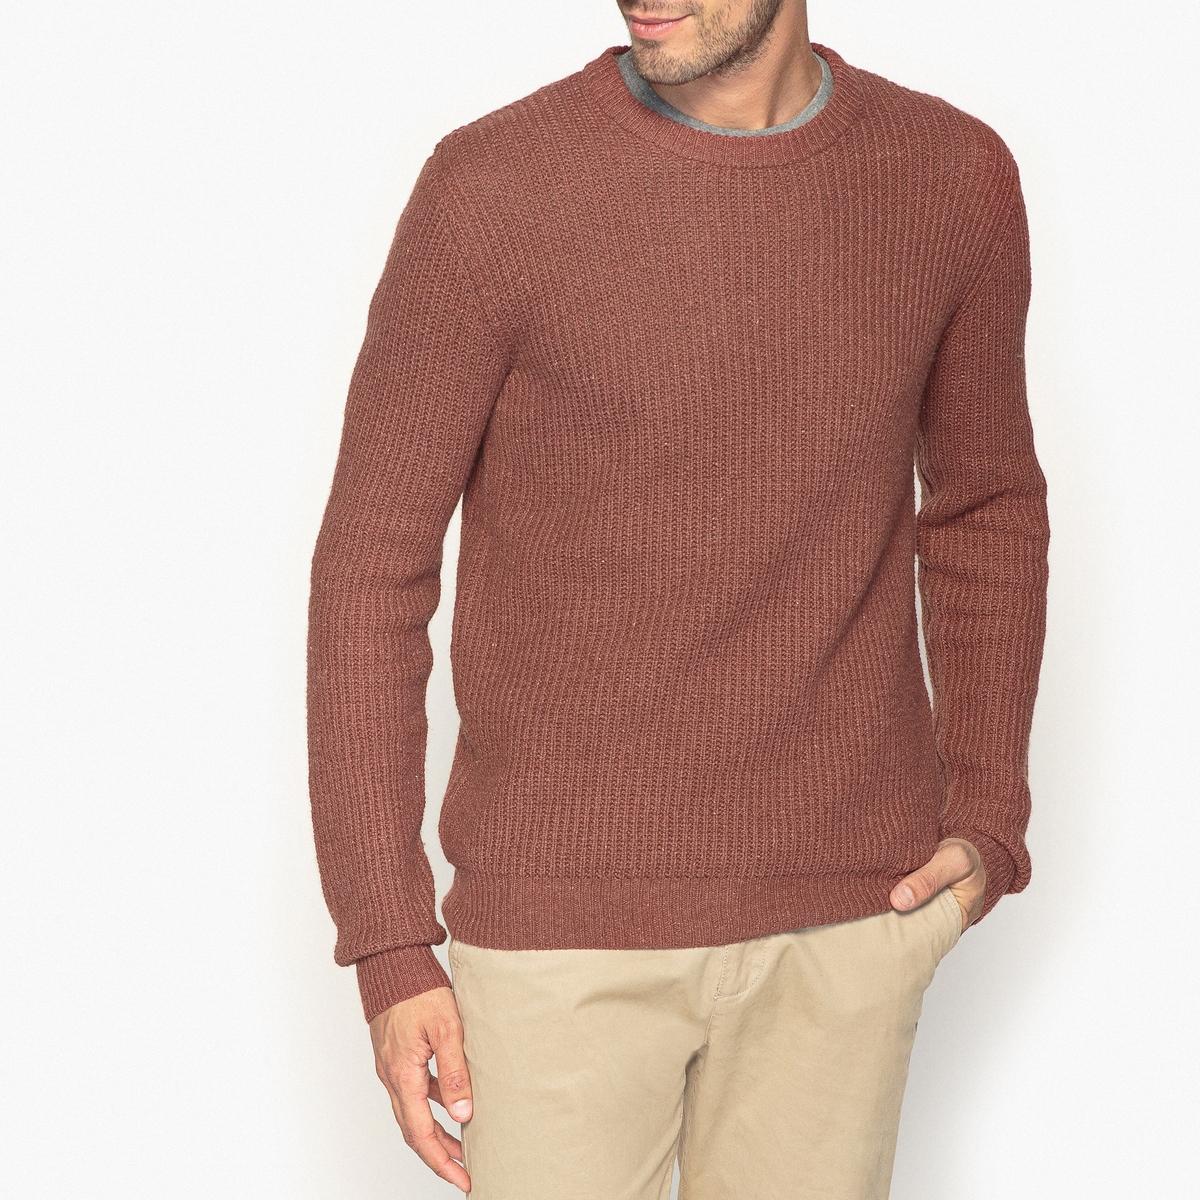 Пуловер с круглым вырезом из оригинального трикотажа пуловер с круглым вырезом из хлопка и льна